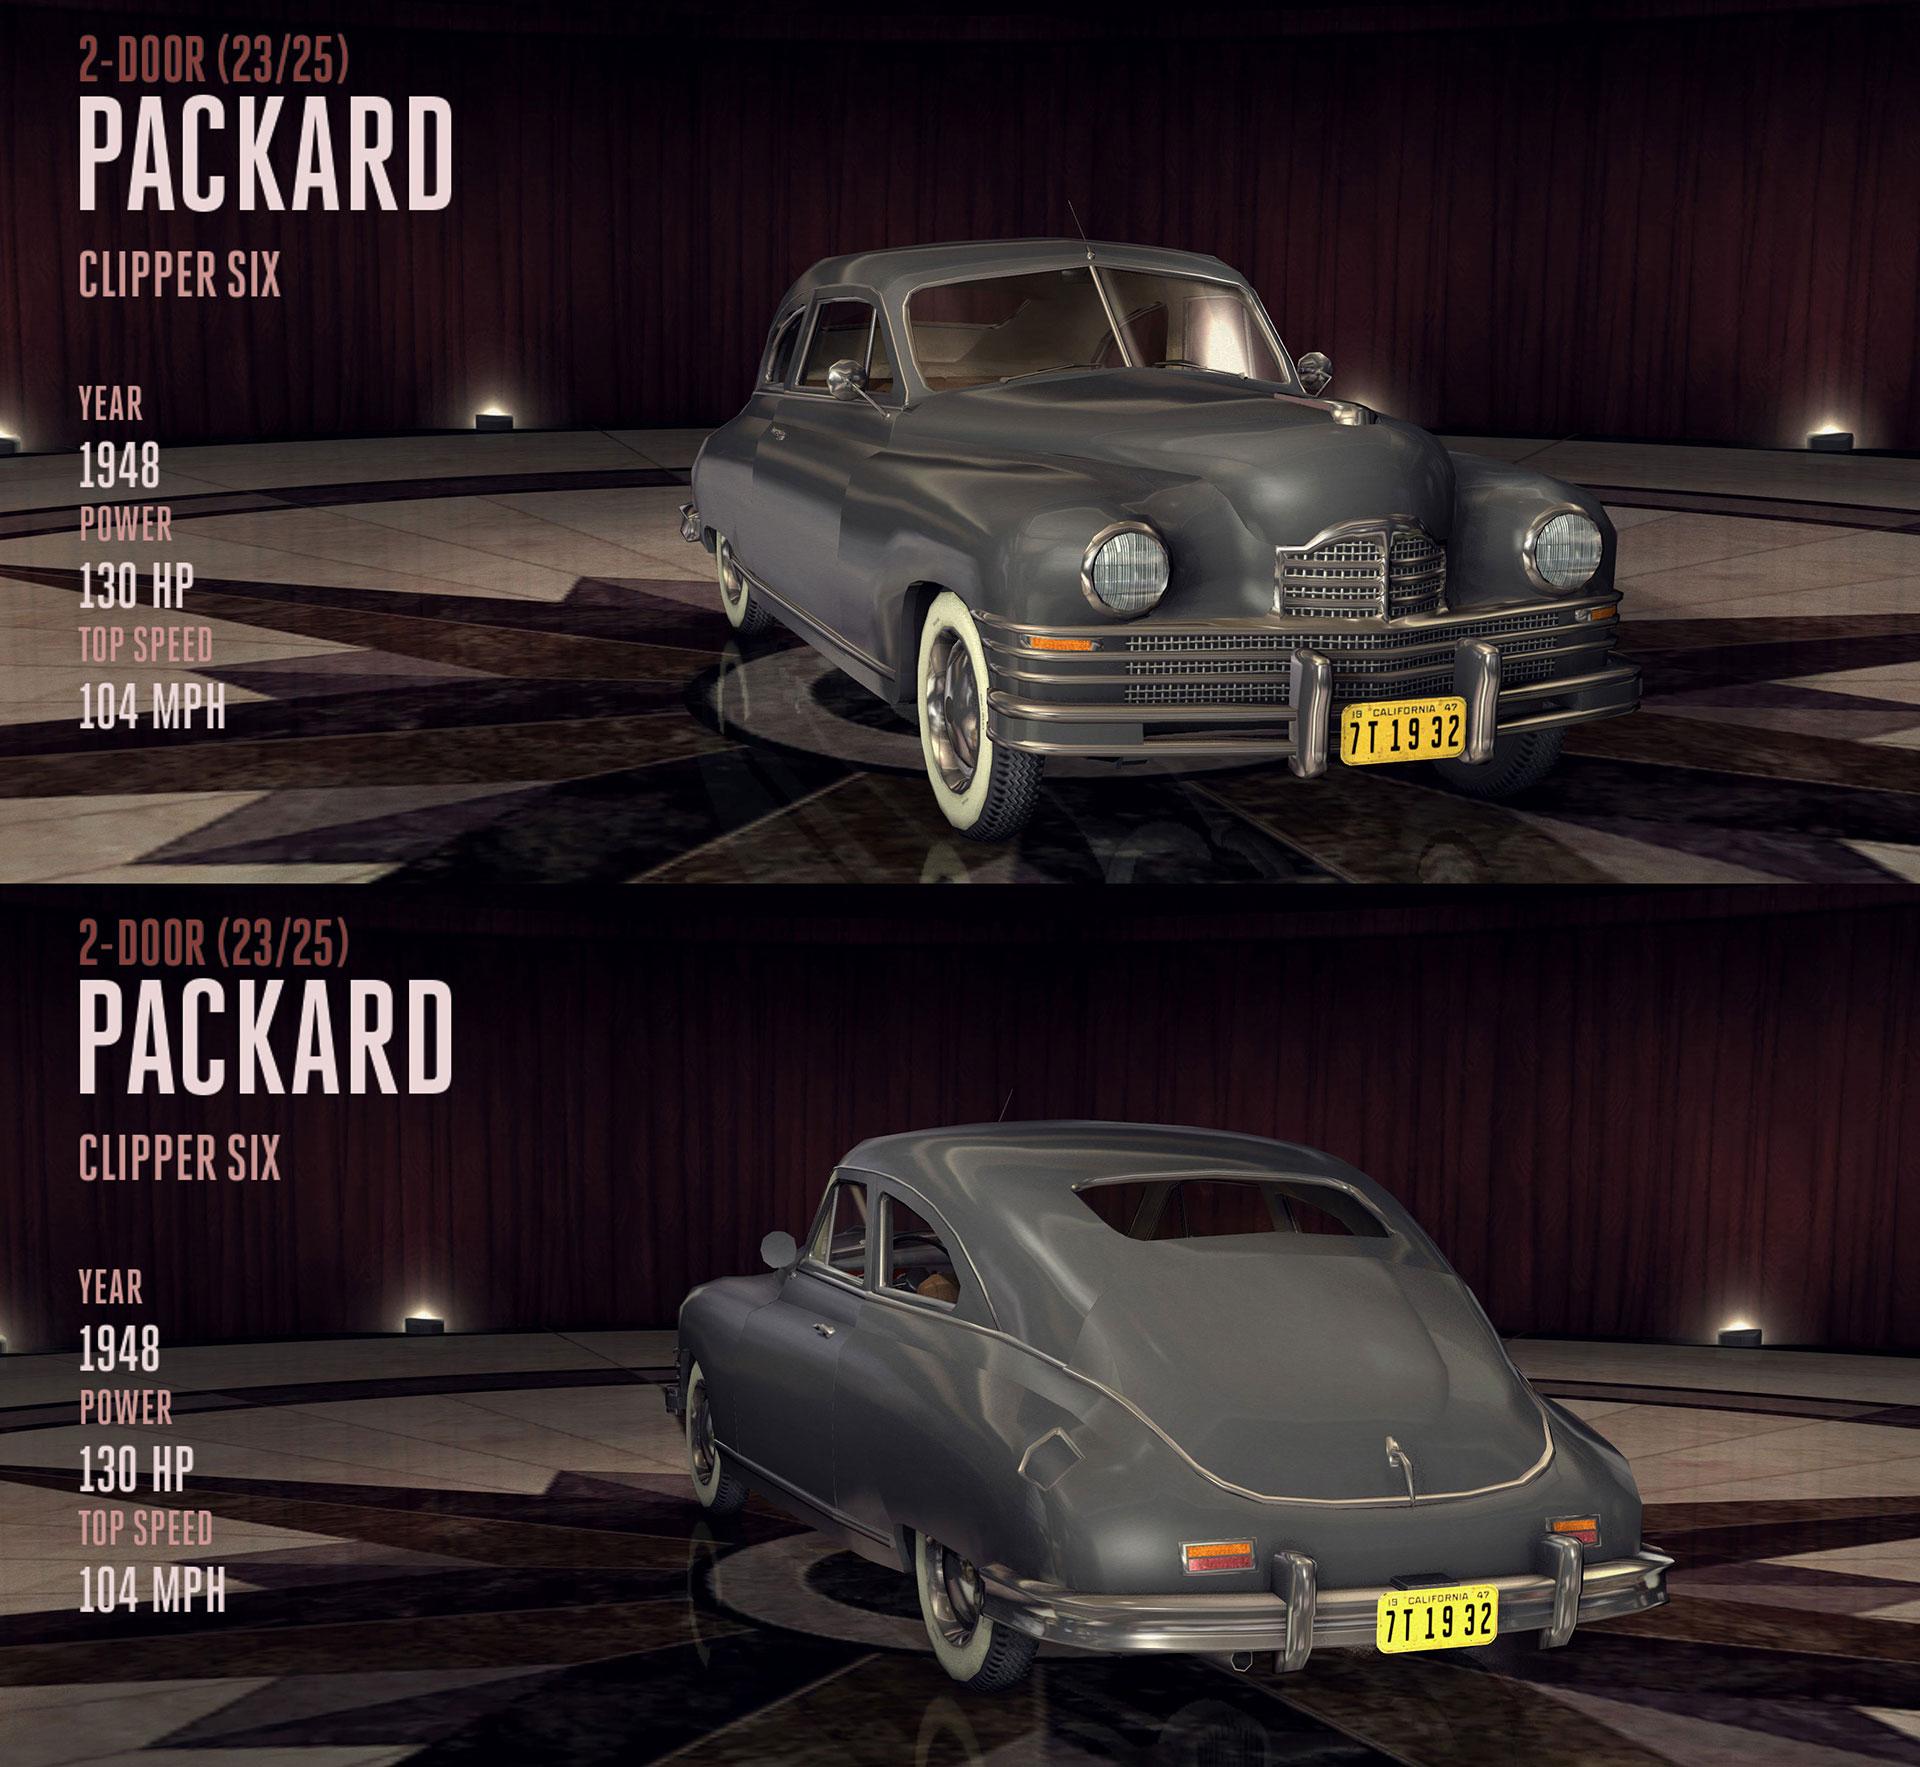 Archivo:1948-packard-clipper-six.jpg